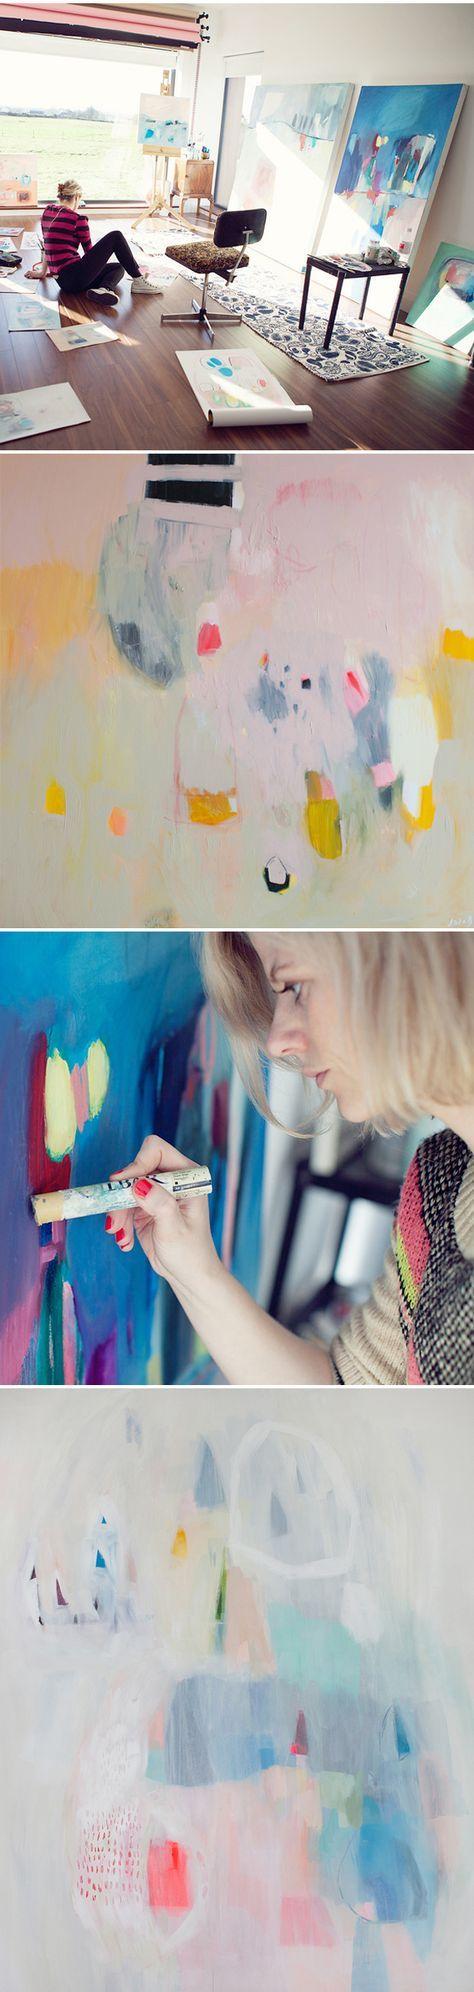 Lola Donoghue - Que trabalho abstrato maravilhoso!